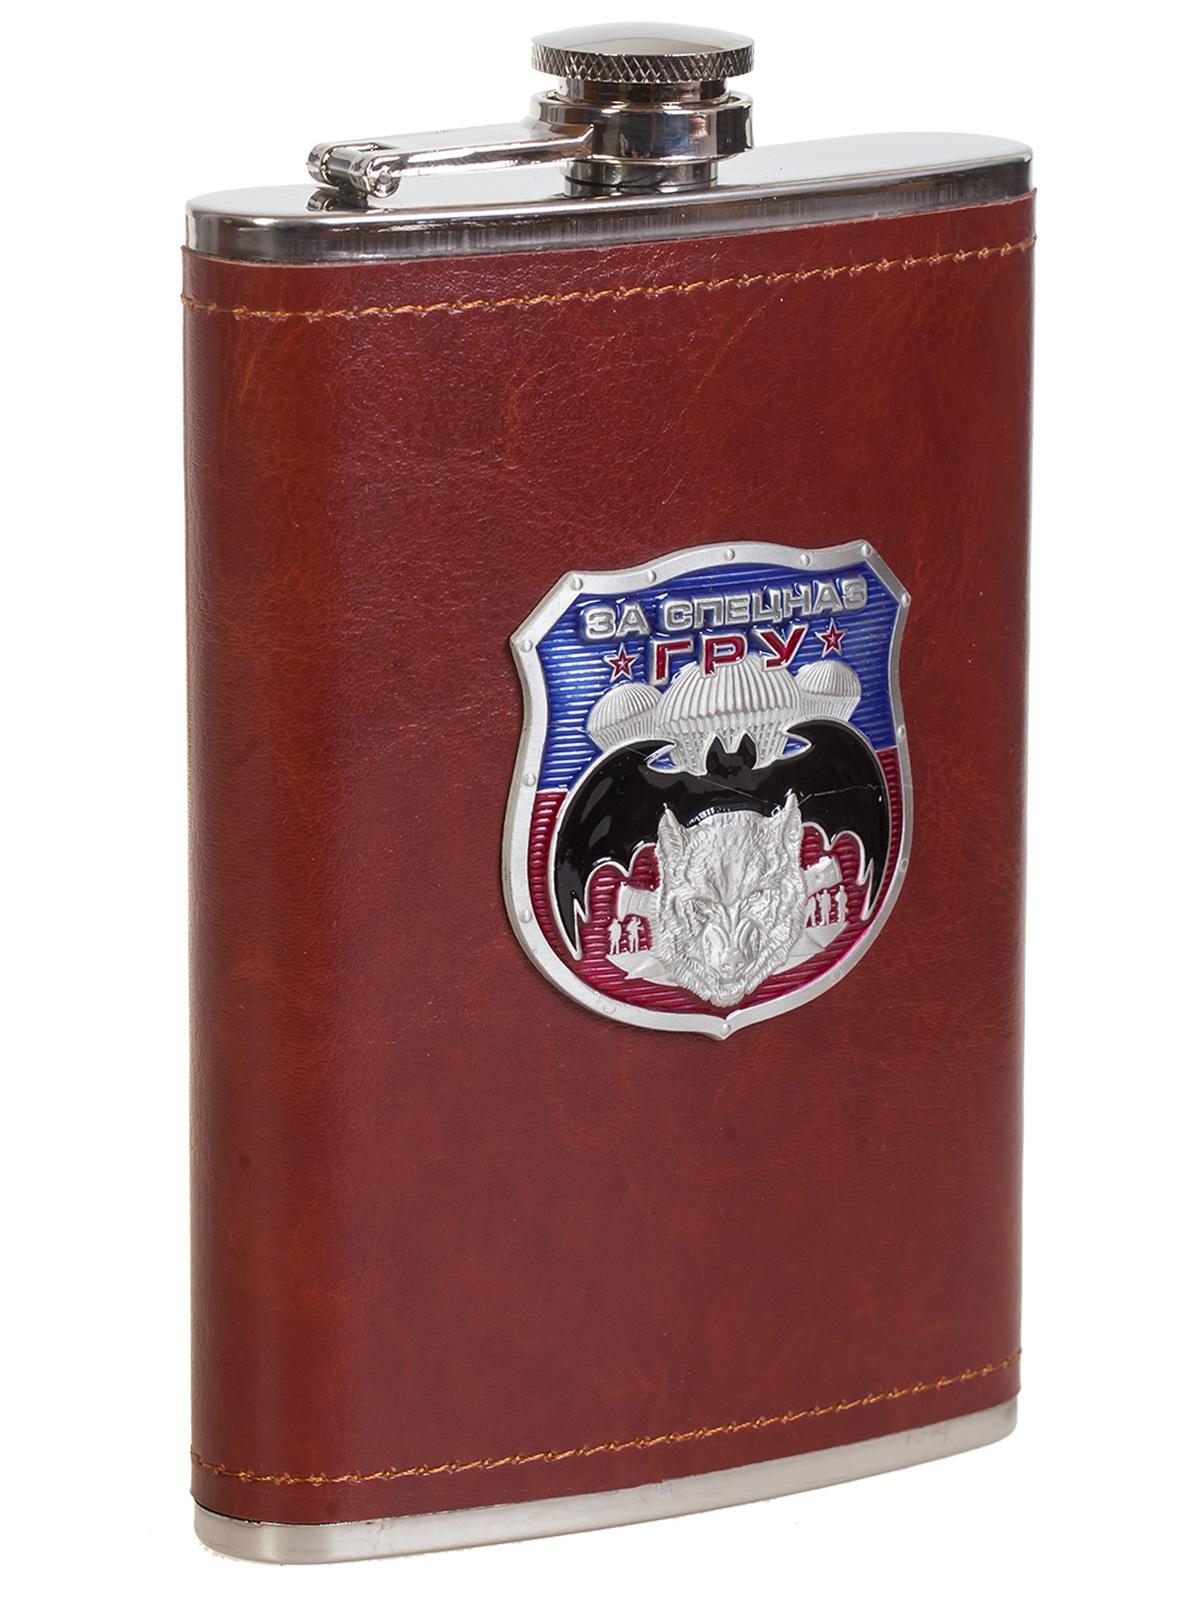 Купить подарочную крутую флягу в кожаном чехле с накладкой За Спецназ ГРУ оптом или в розницу